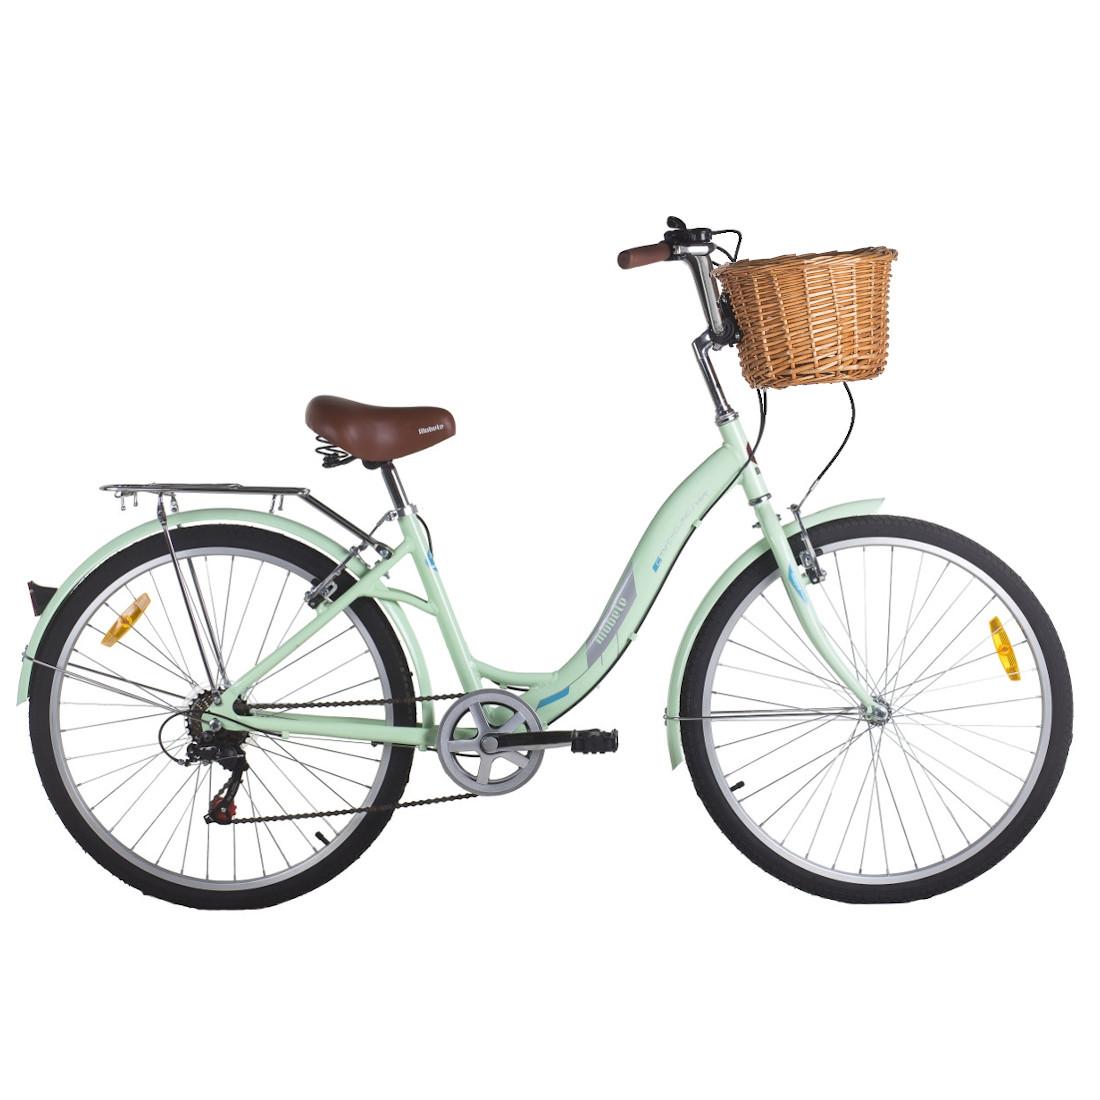 Bicicleta Vintage Retrô Aro 26 7V Verde Hit City Mobele com Cestinha